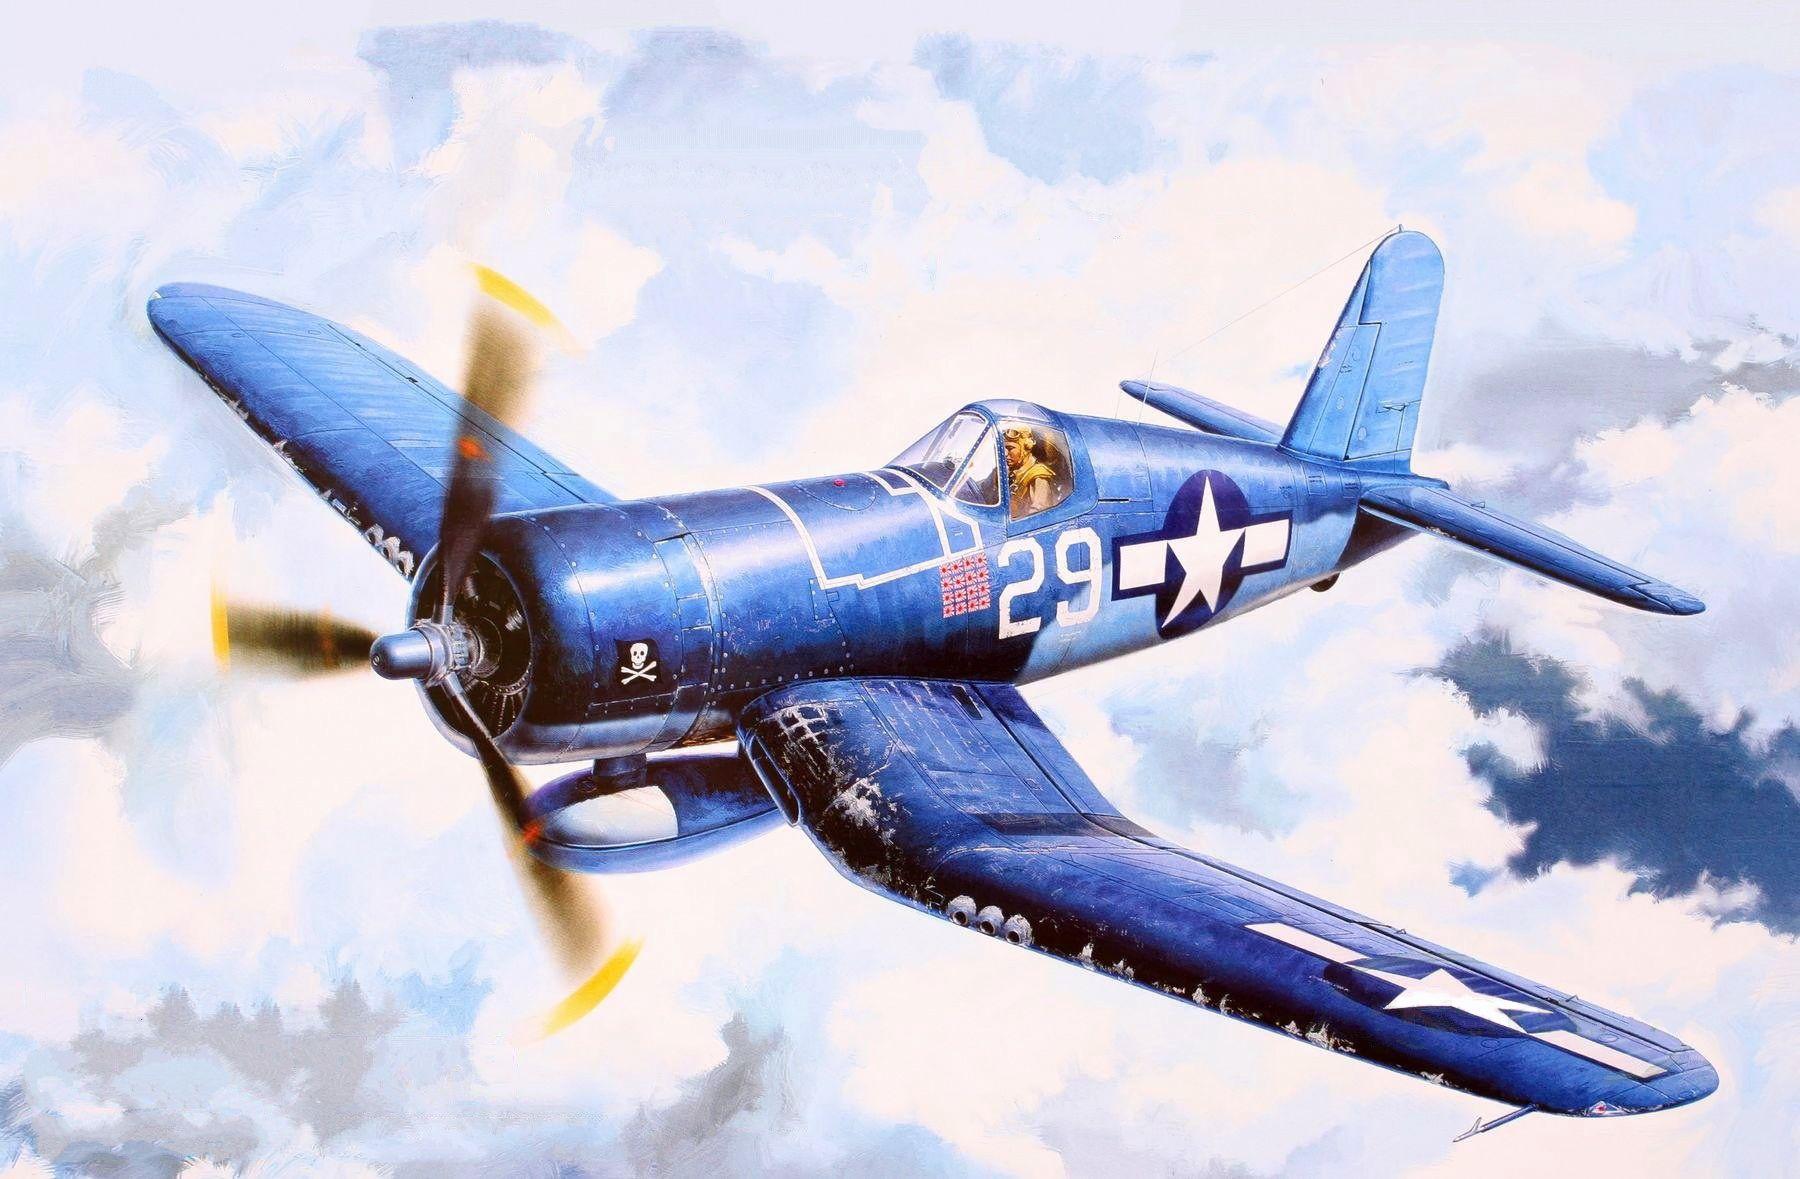 Обои Вторая мировая, F4u corsair, chance vought. Авиация foto 14